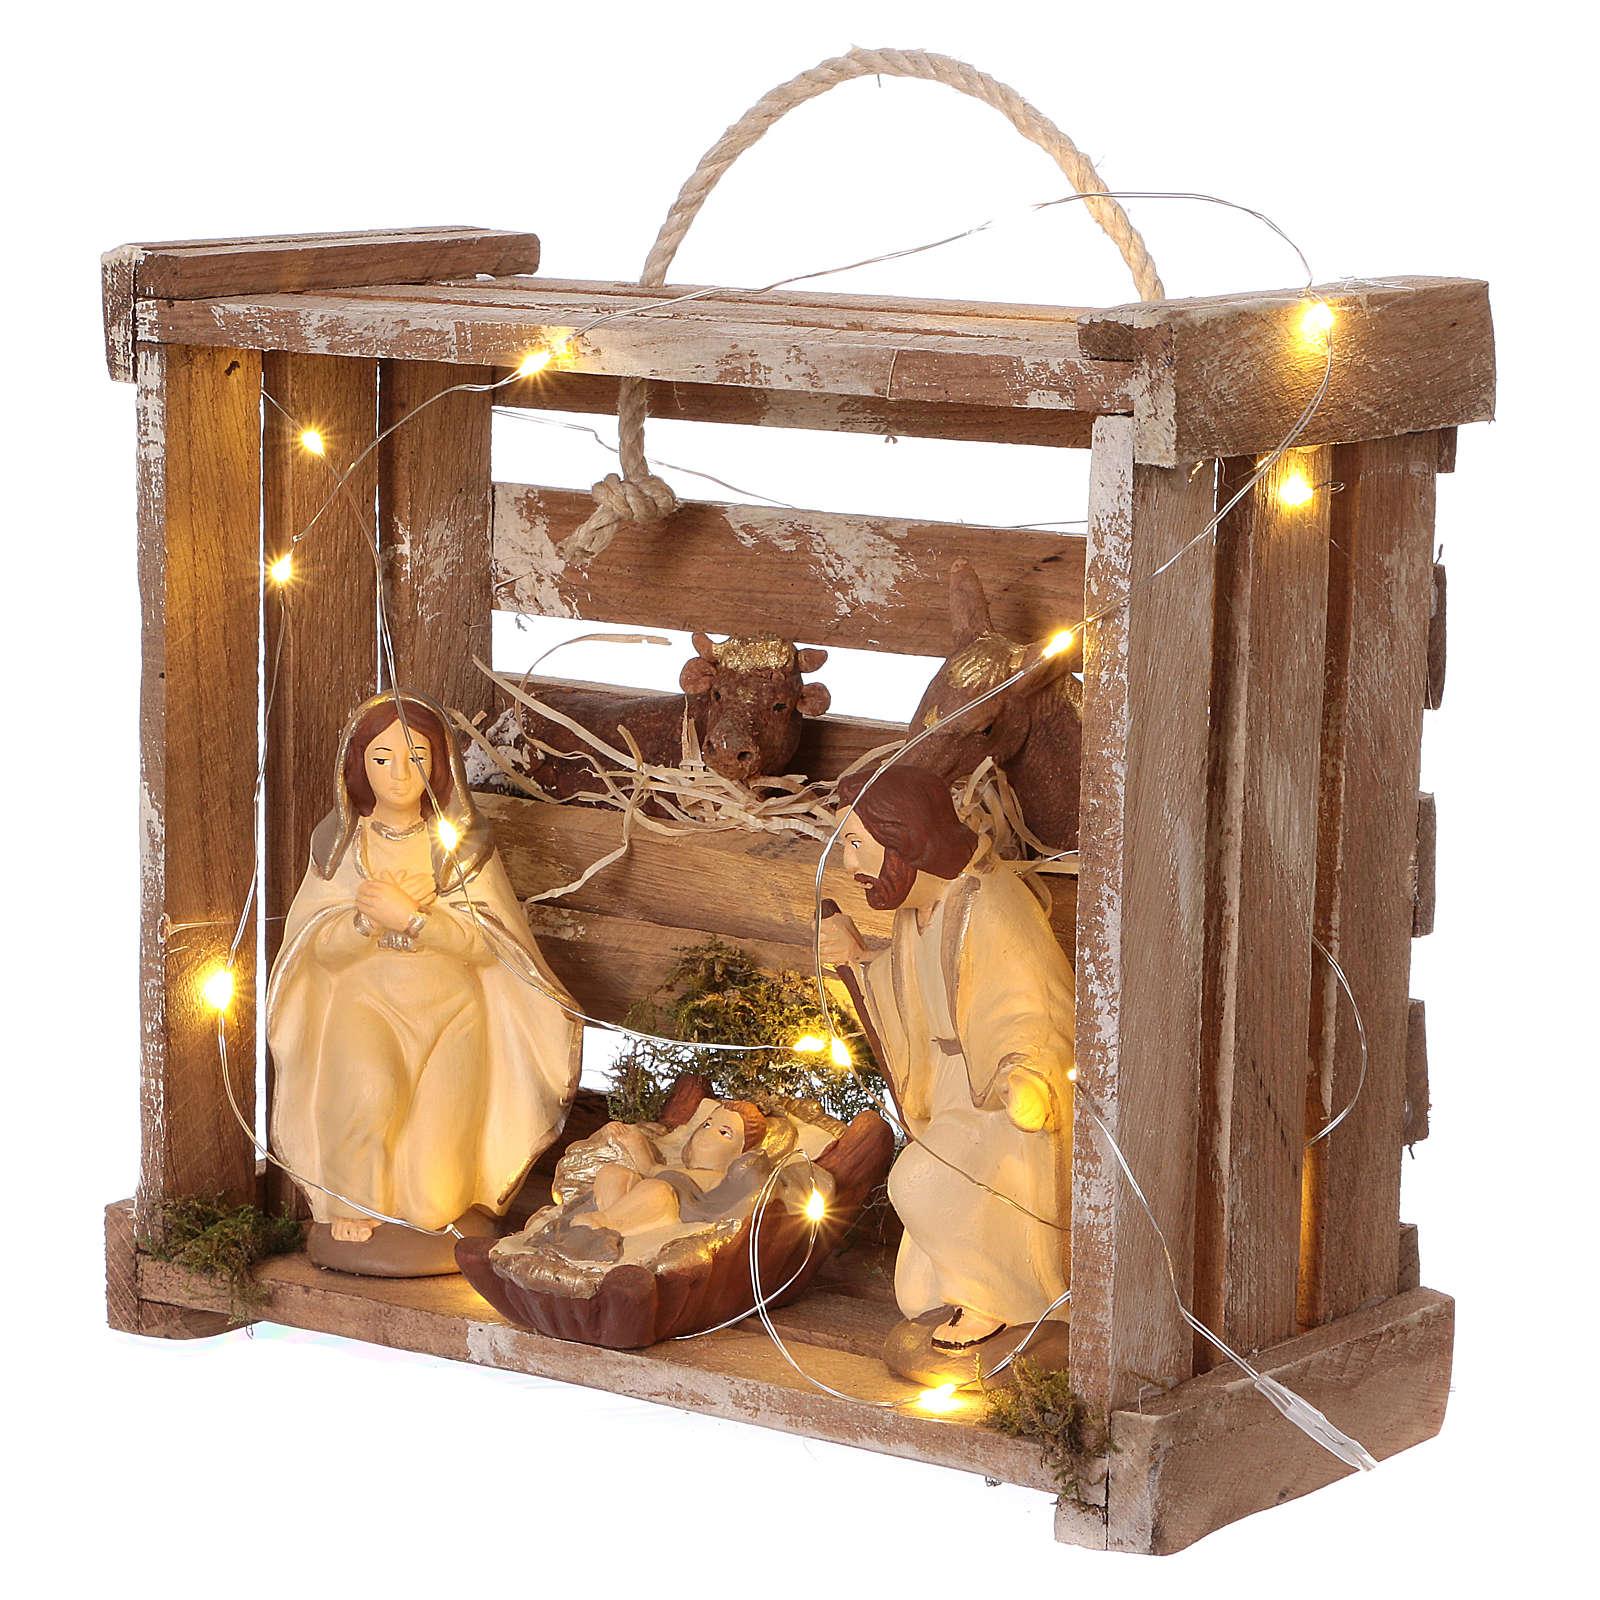 Cassetta luci portatile quadrata legno con Natività presepe 12 cm Deruta 4